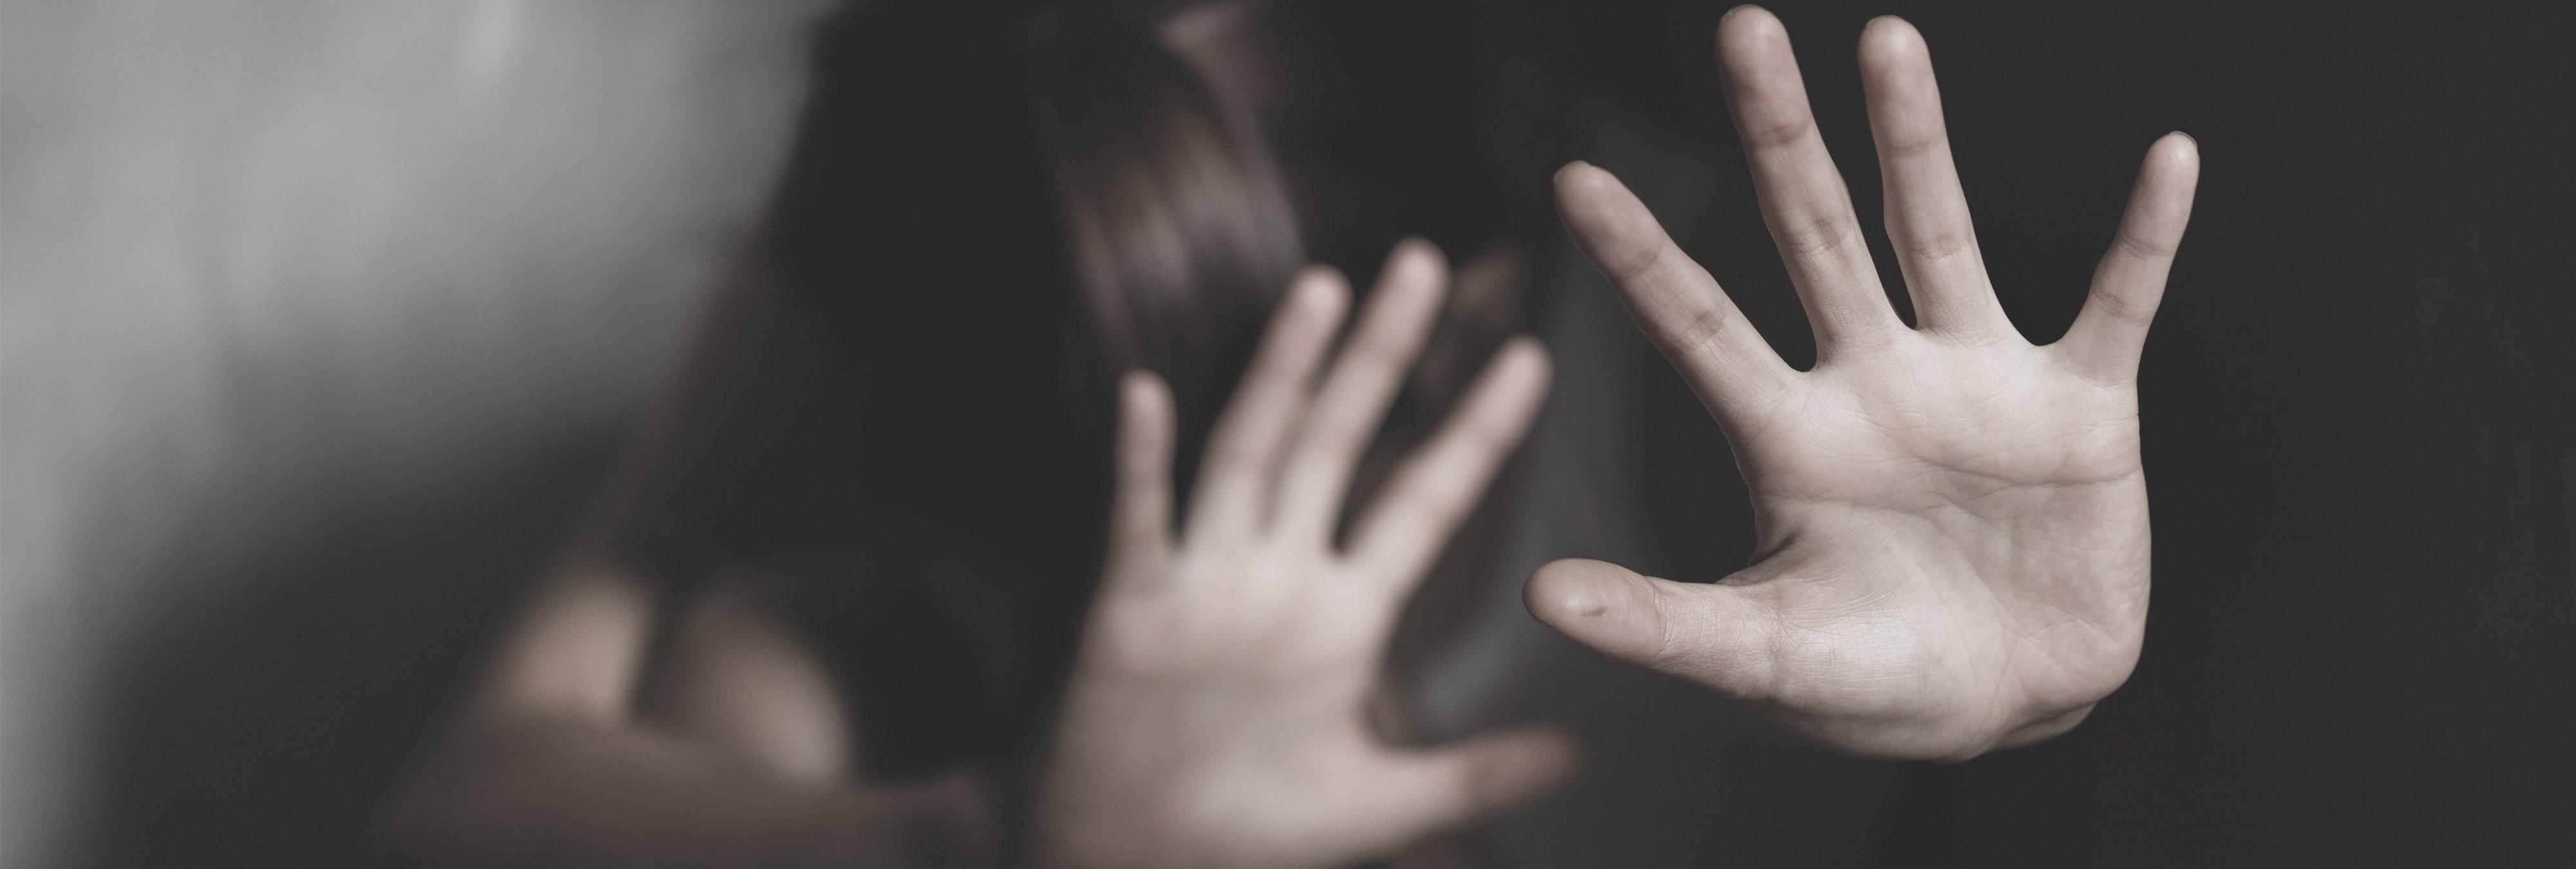 La nueva 'Manada' de Pamplona podría librarse de ser juzgada por violación